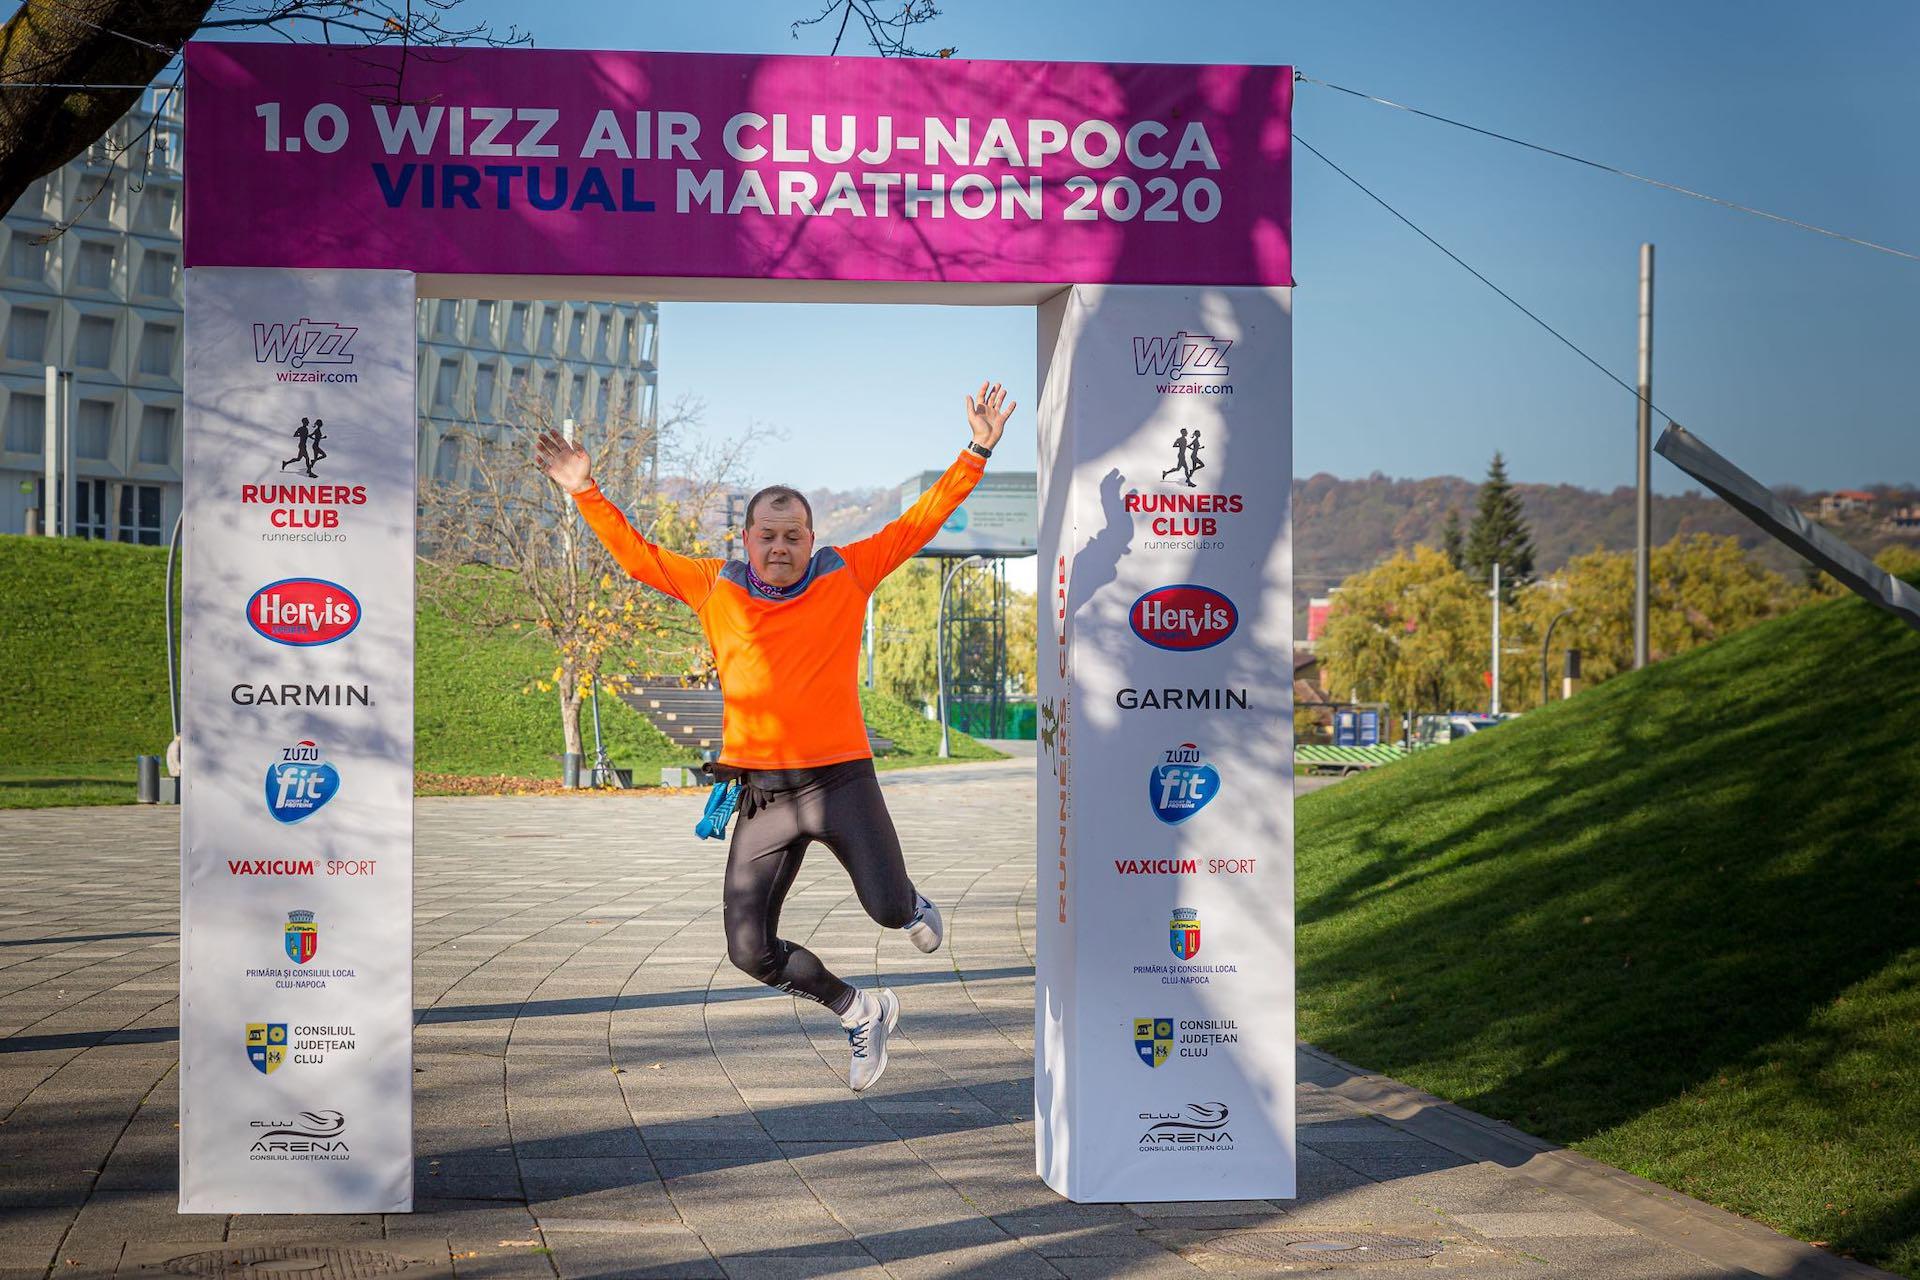 Wizz Virtual 1